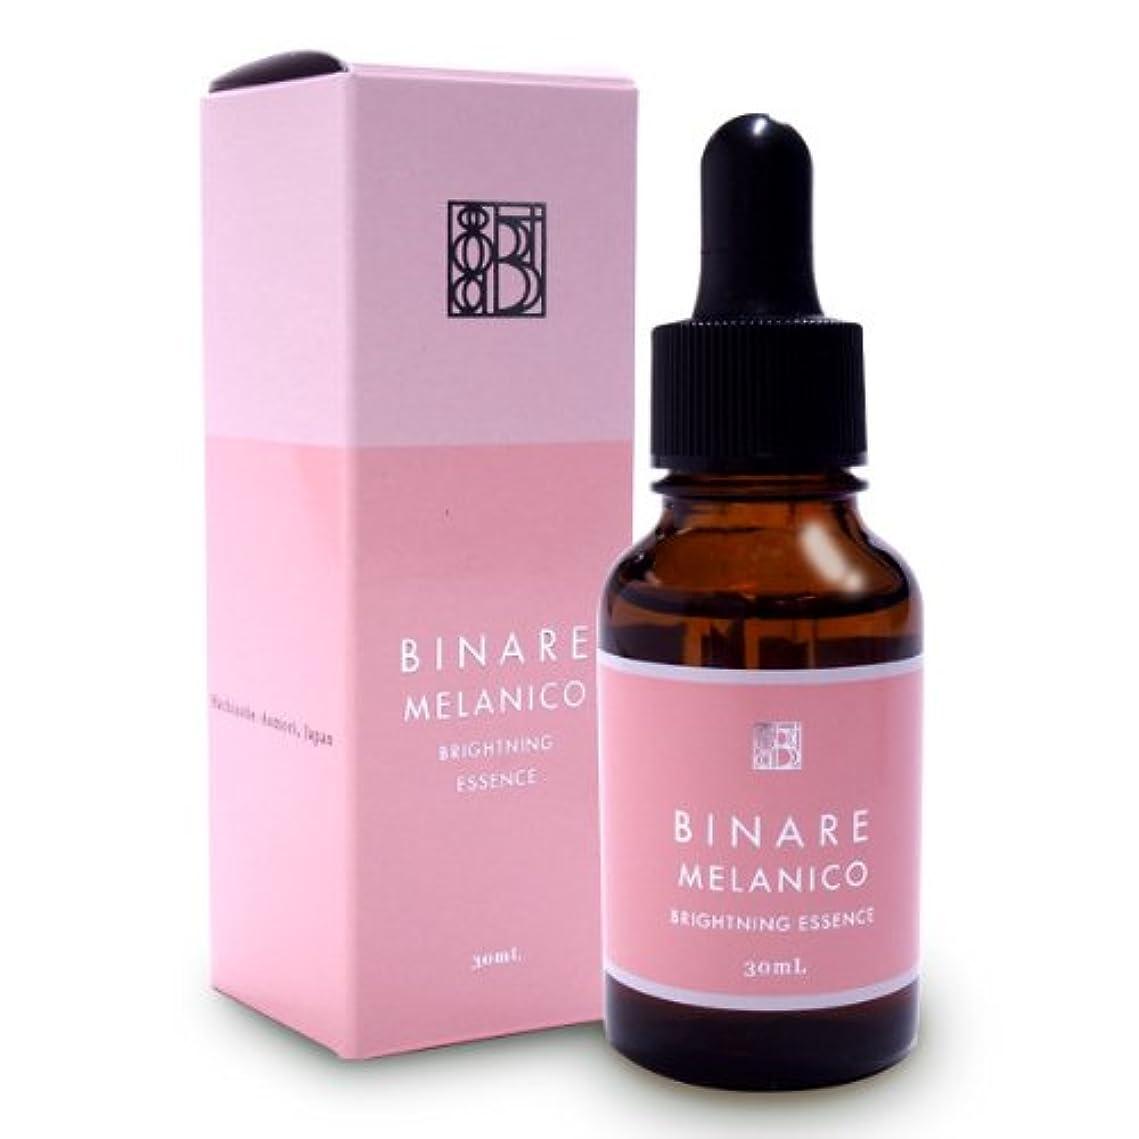 ハブサラミかすかなプロテオグリカン配合ブライトニング美容液MELANICOメラニコ